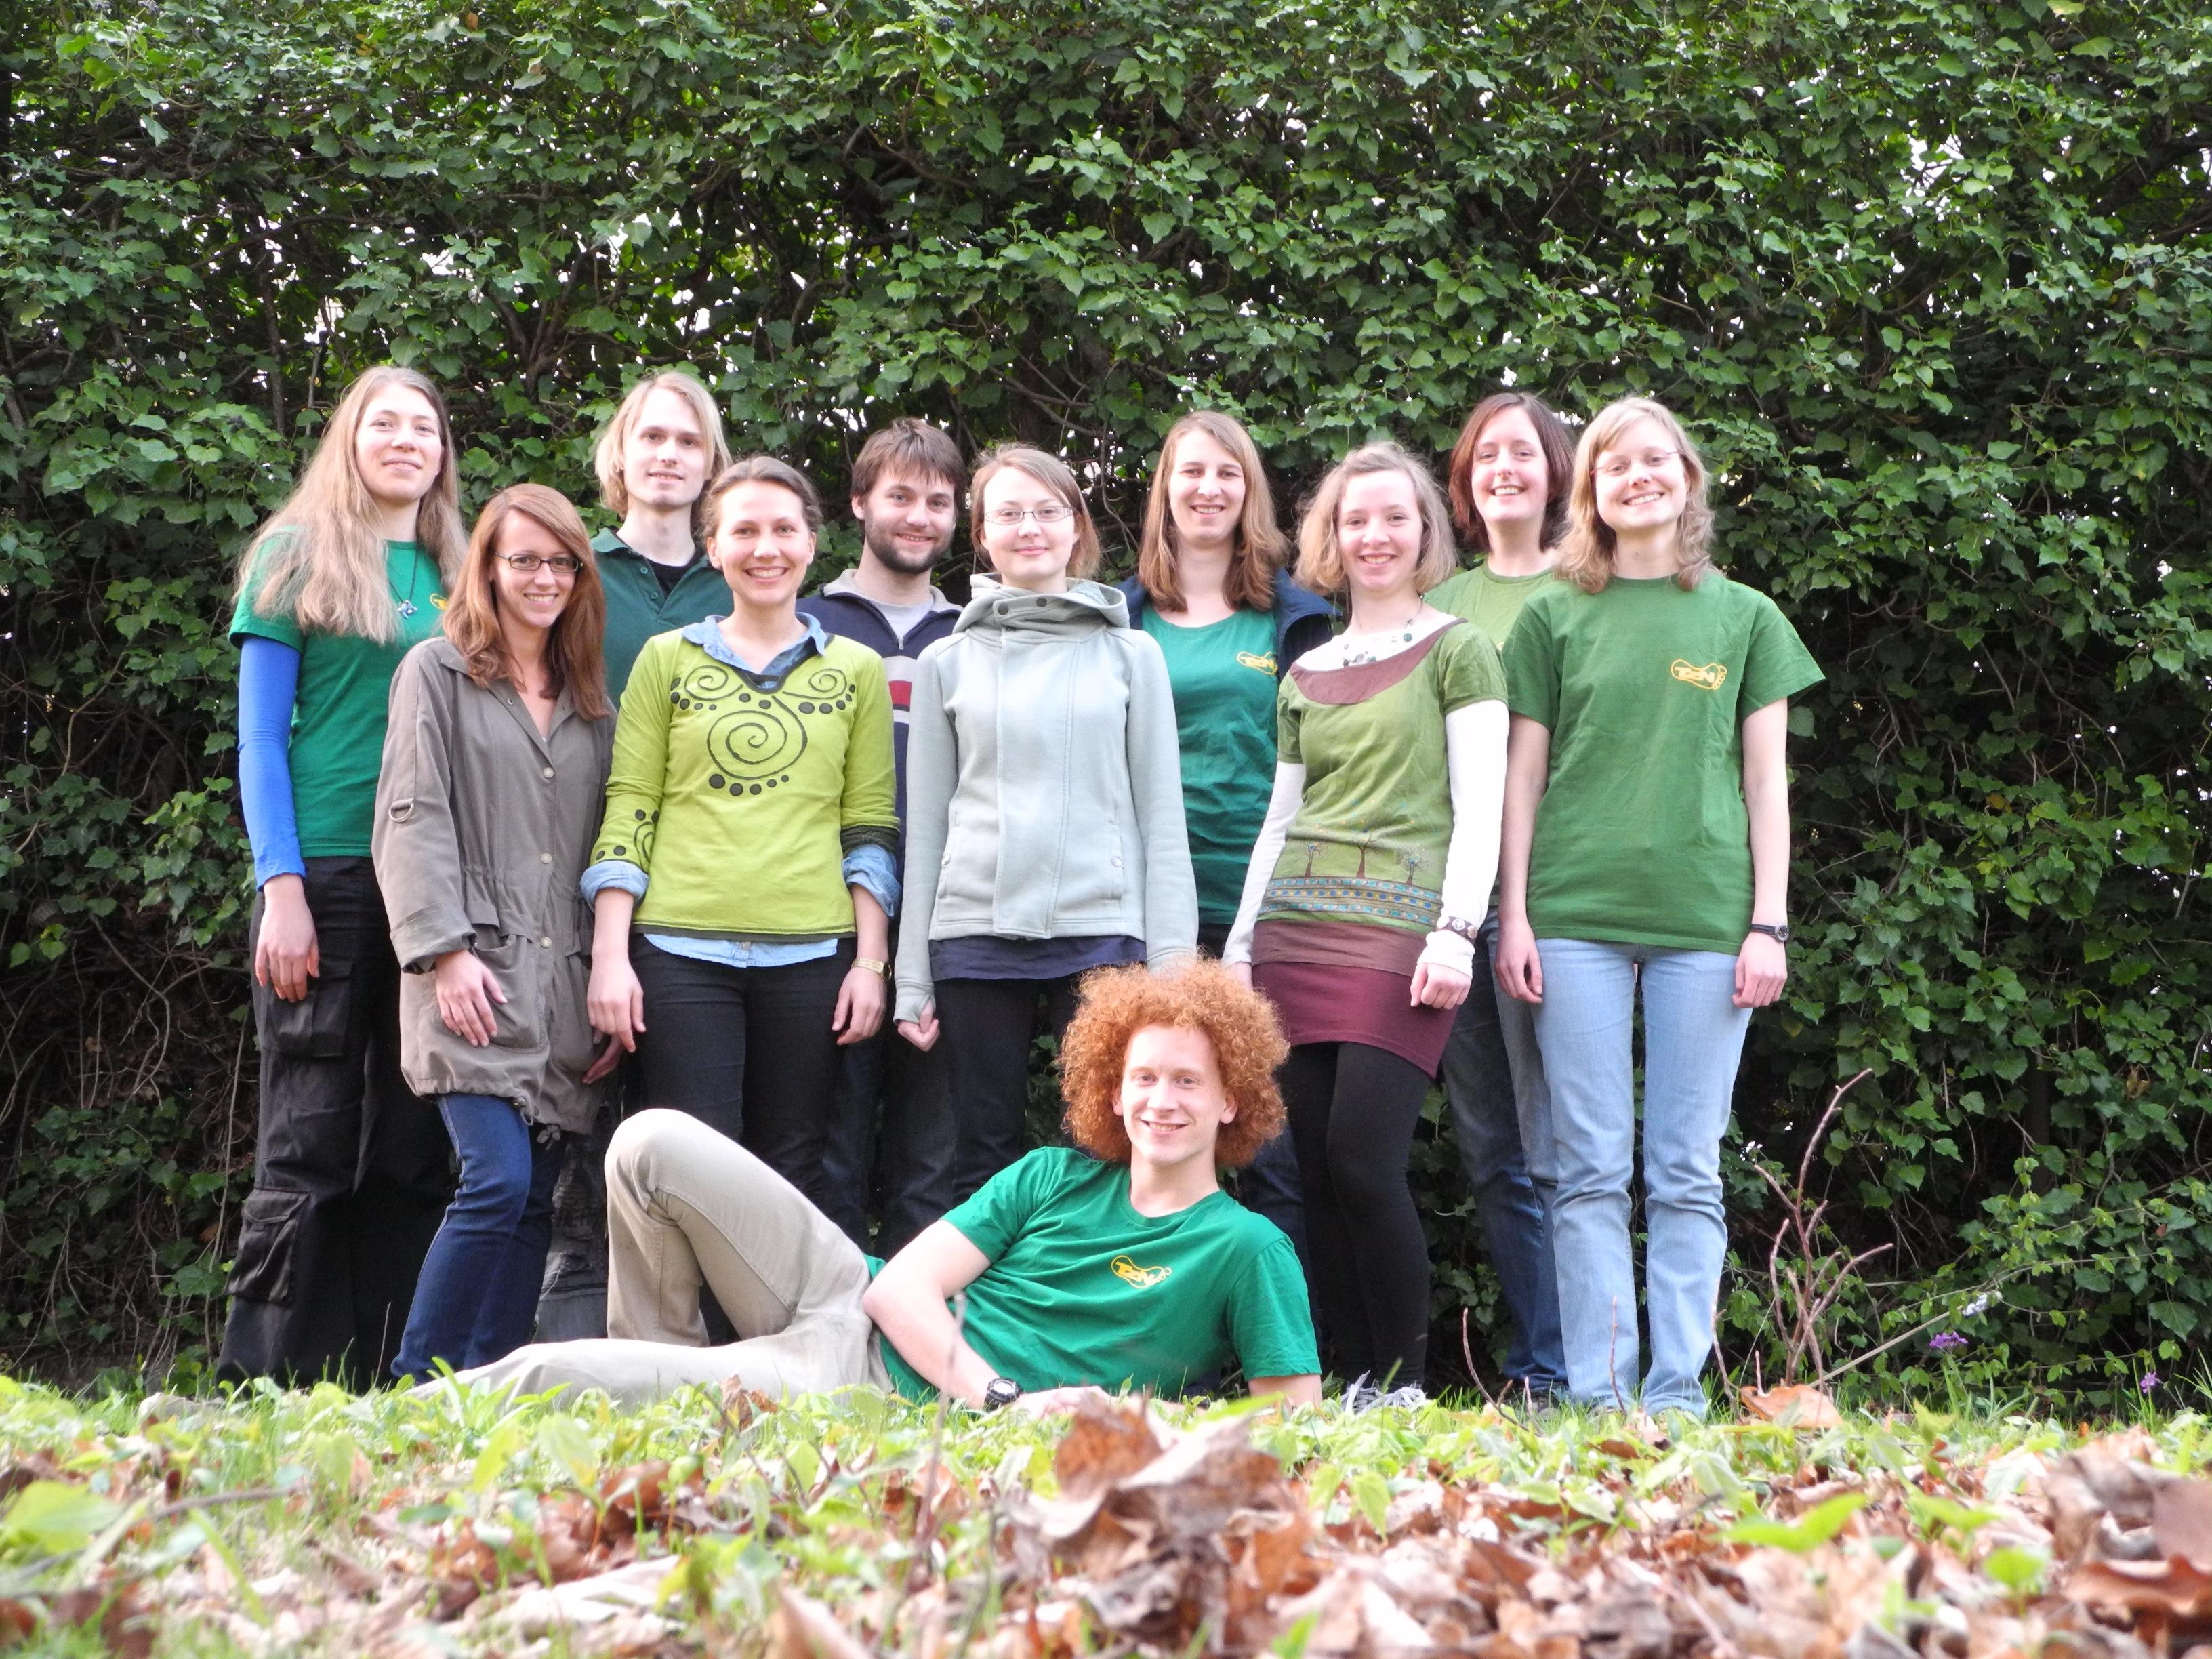 Ein Teil des Organisationsteams des Landauer Tags zur Nachhaltigkeit. Foto: privat.